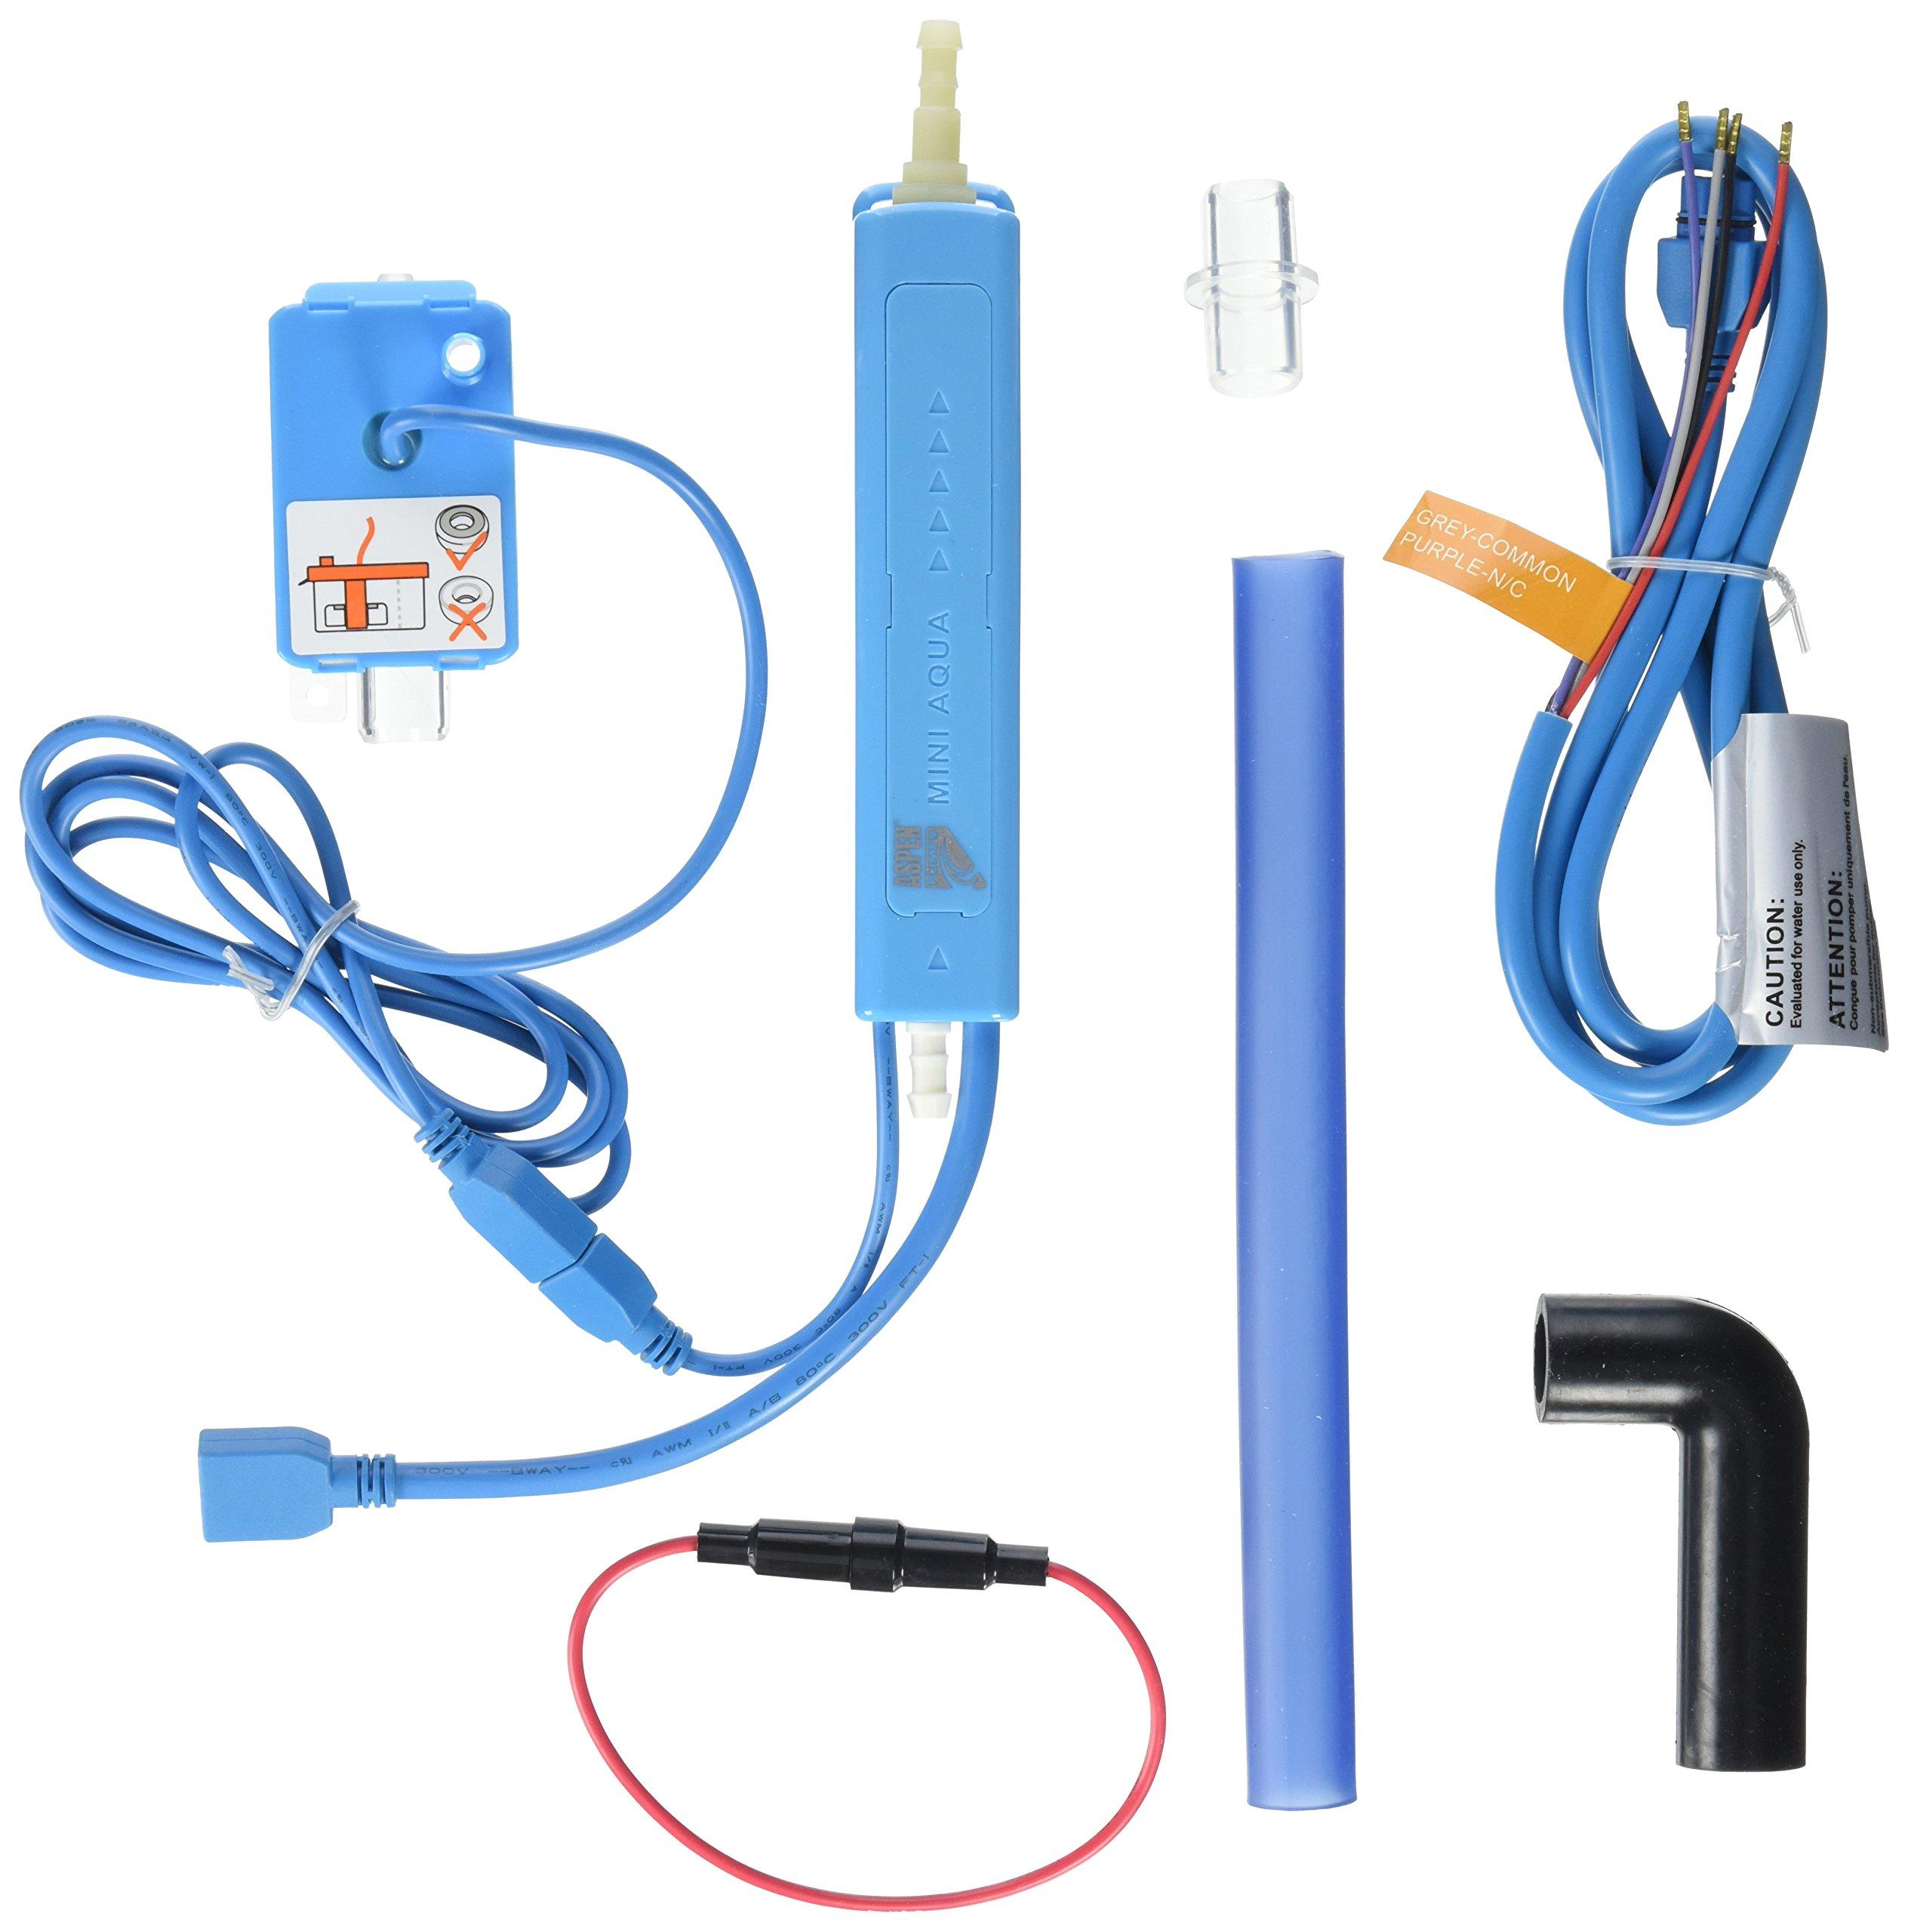 Rectorseal 83809 Aspen Mini Univolt Aqua Pump, 100-250V, Blue by Rectorseal